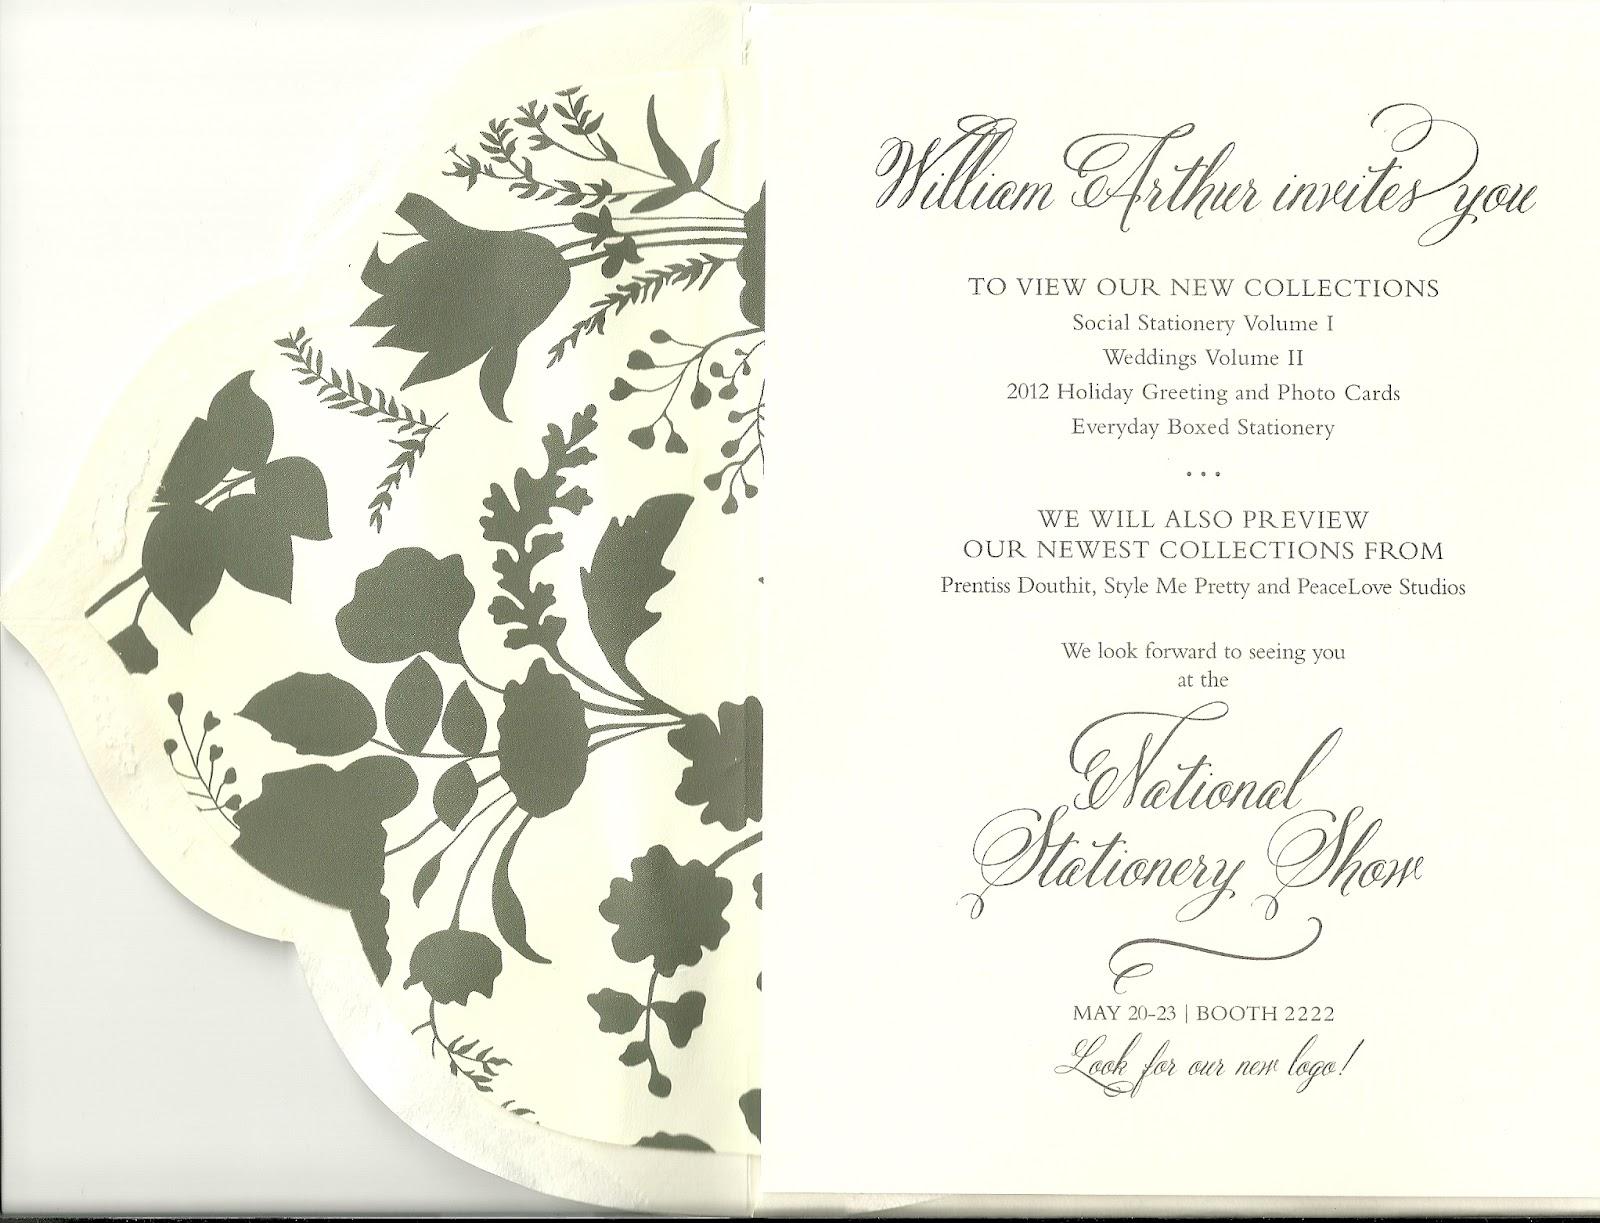 William Arthur Deckle Edge Wedding Invitations Fashion Wedding Shop